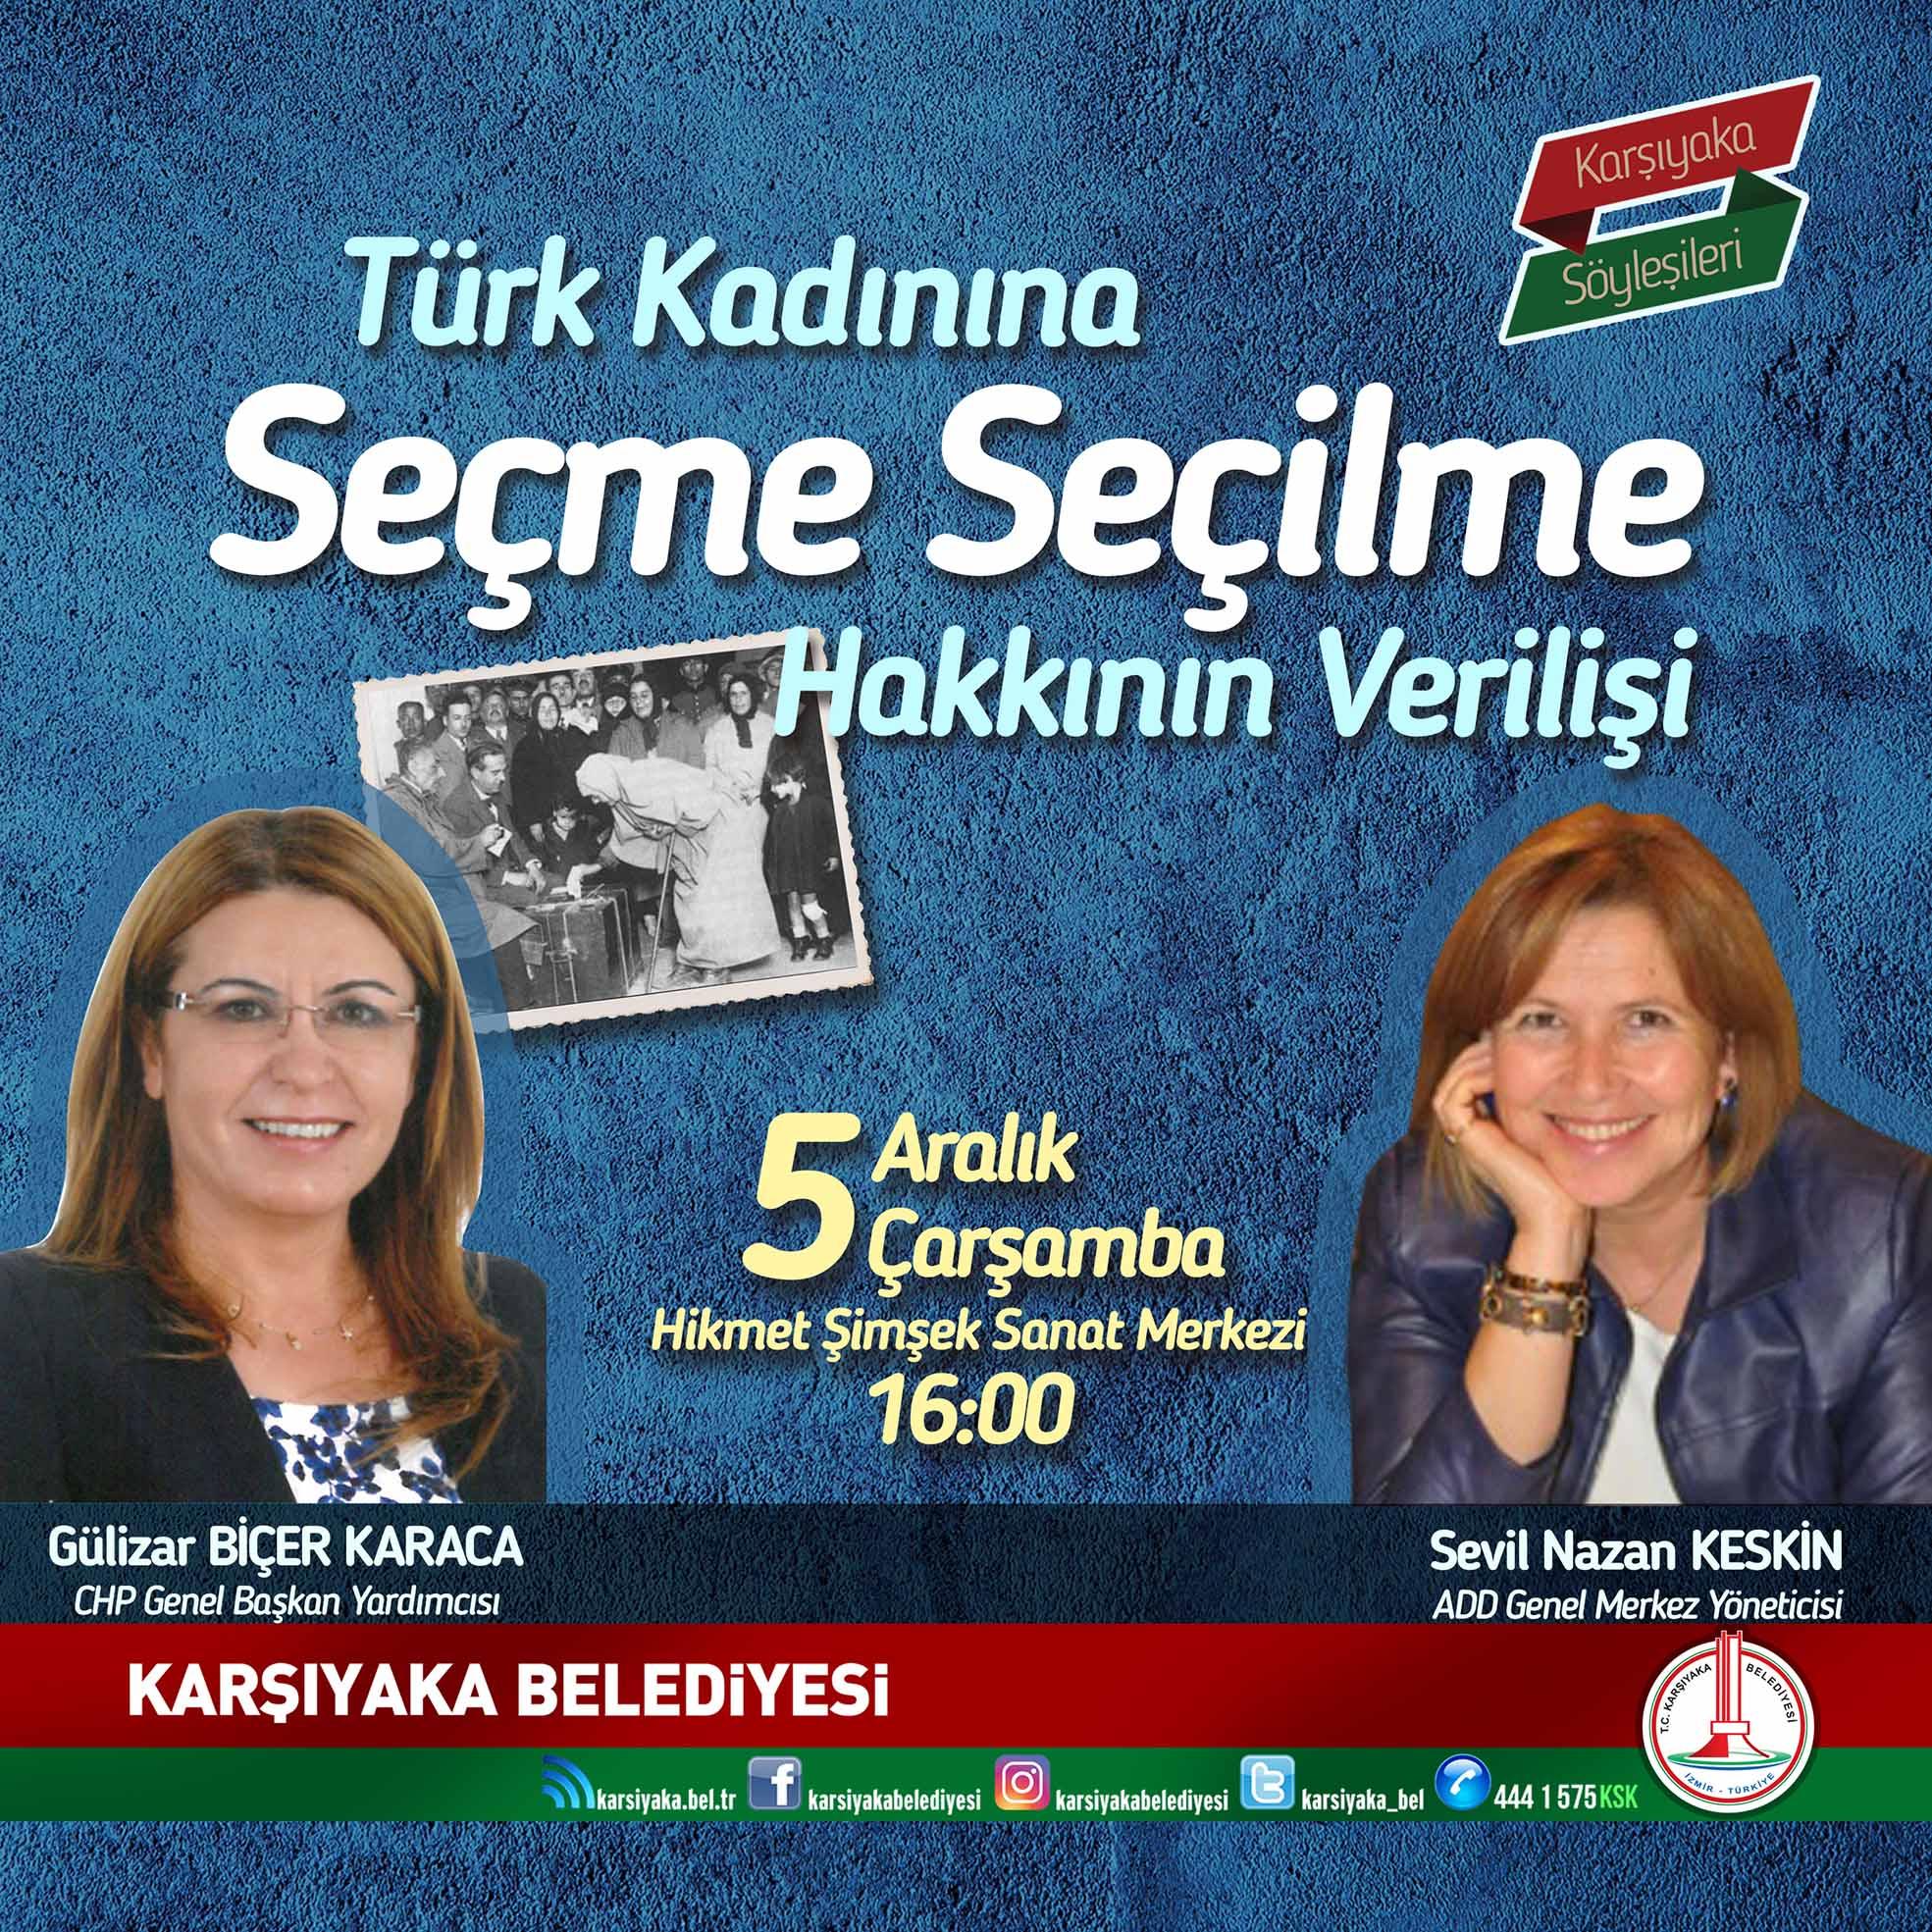 Karşıyaka'da '5 Aralık' söyleşisi